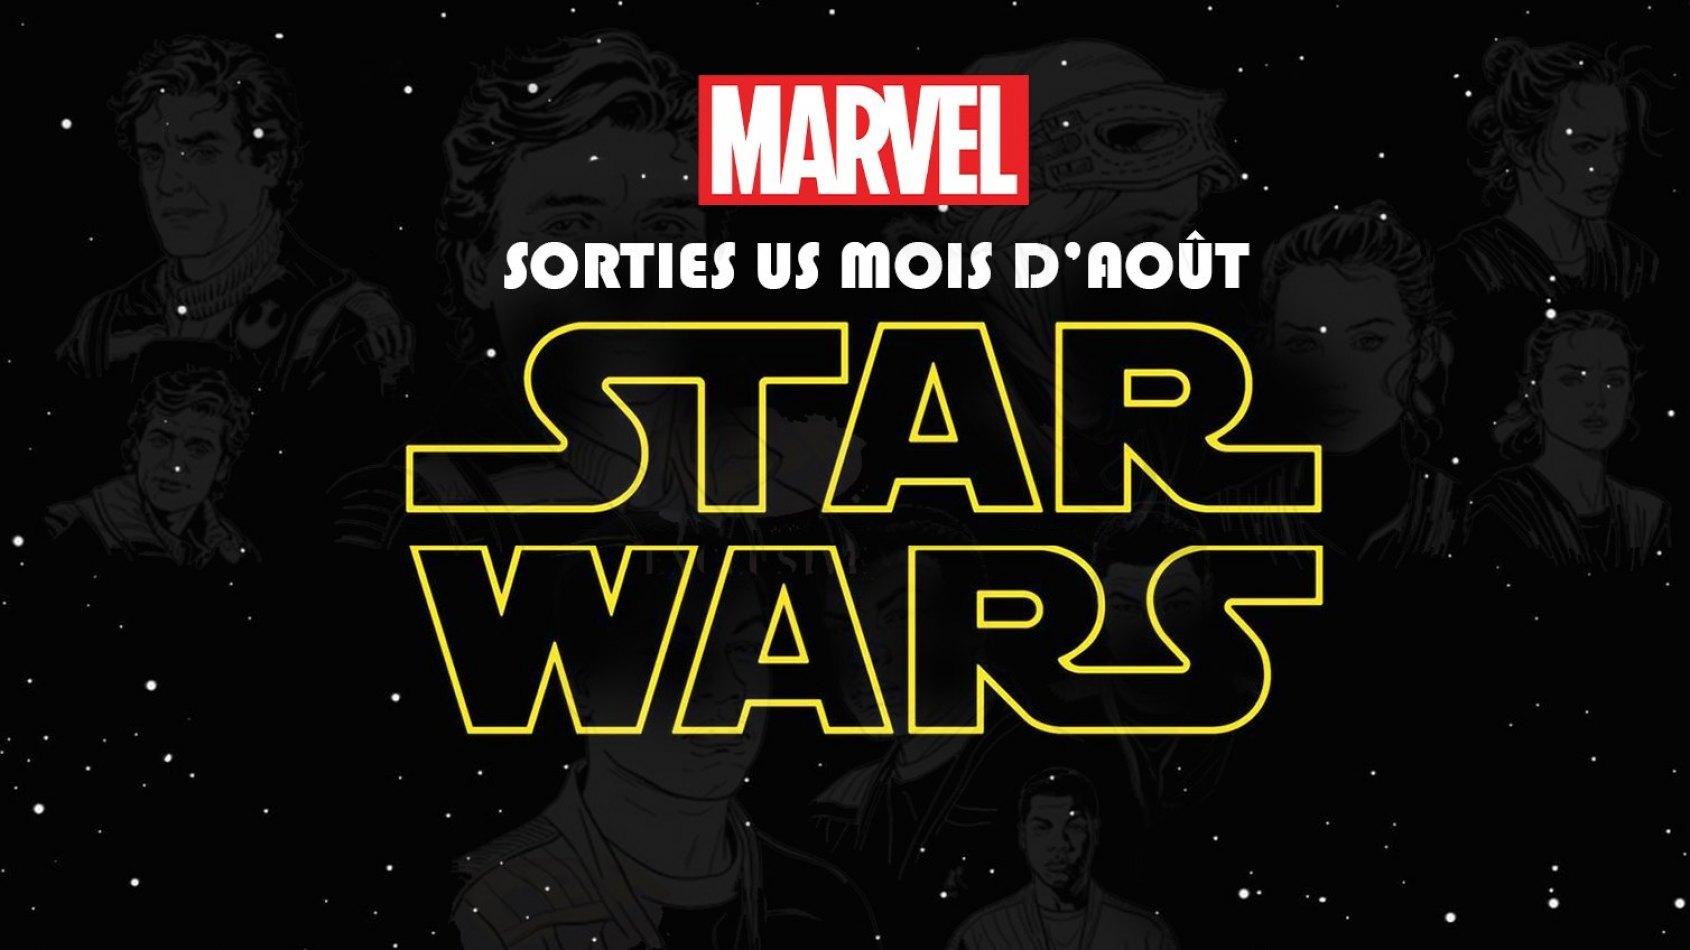 Les sorties Marvel pour le mois d'ao�t [US]